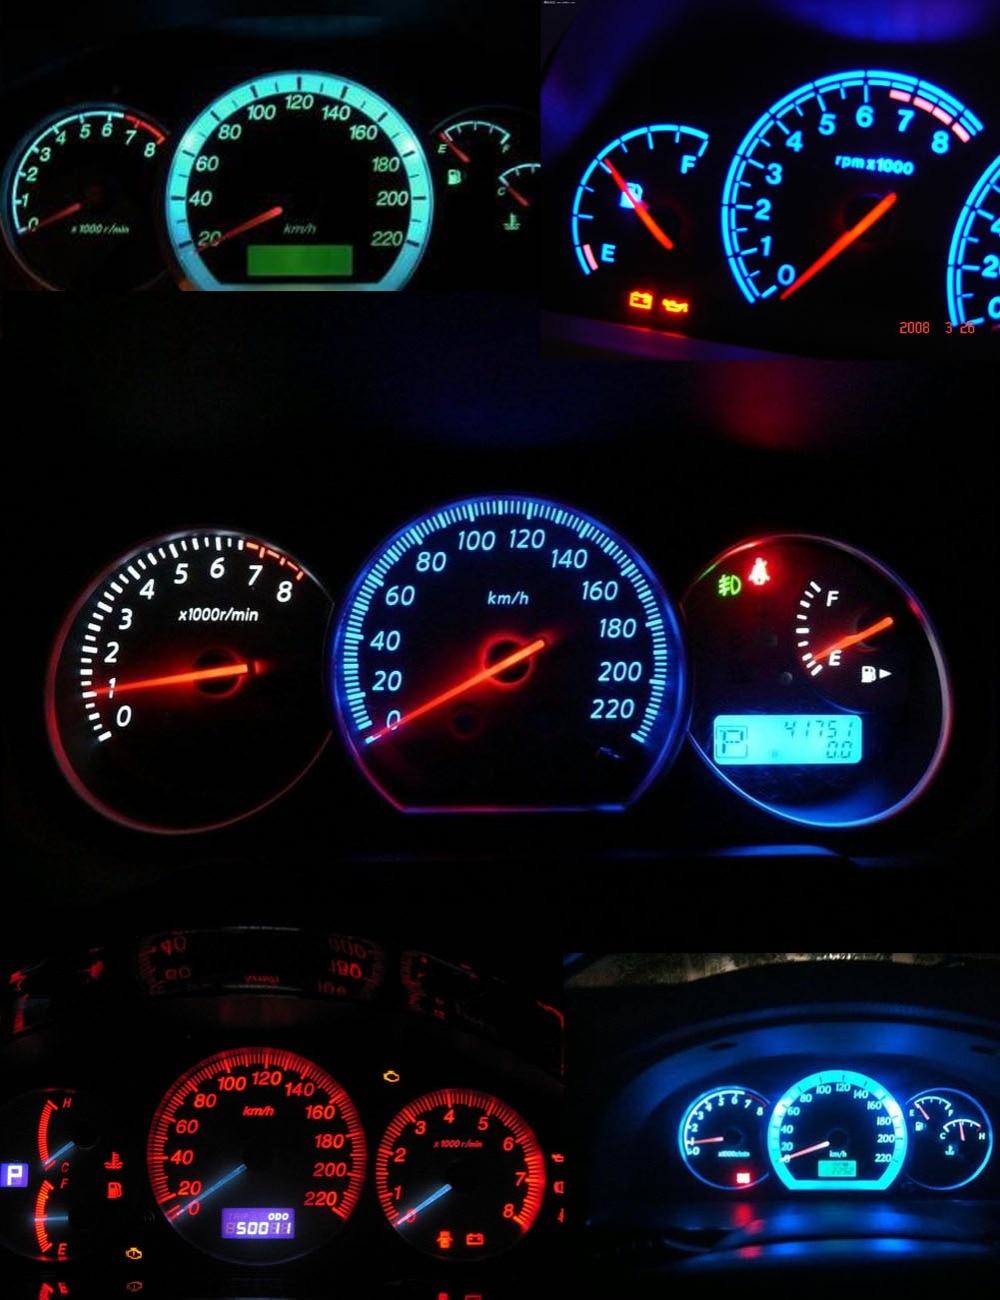 Buy Autoec 10pcs B8 4d B8 4 8 4d 5050 Led 1 Smd